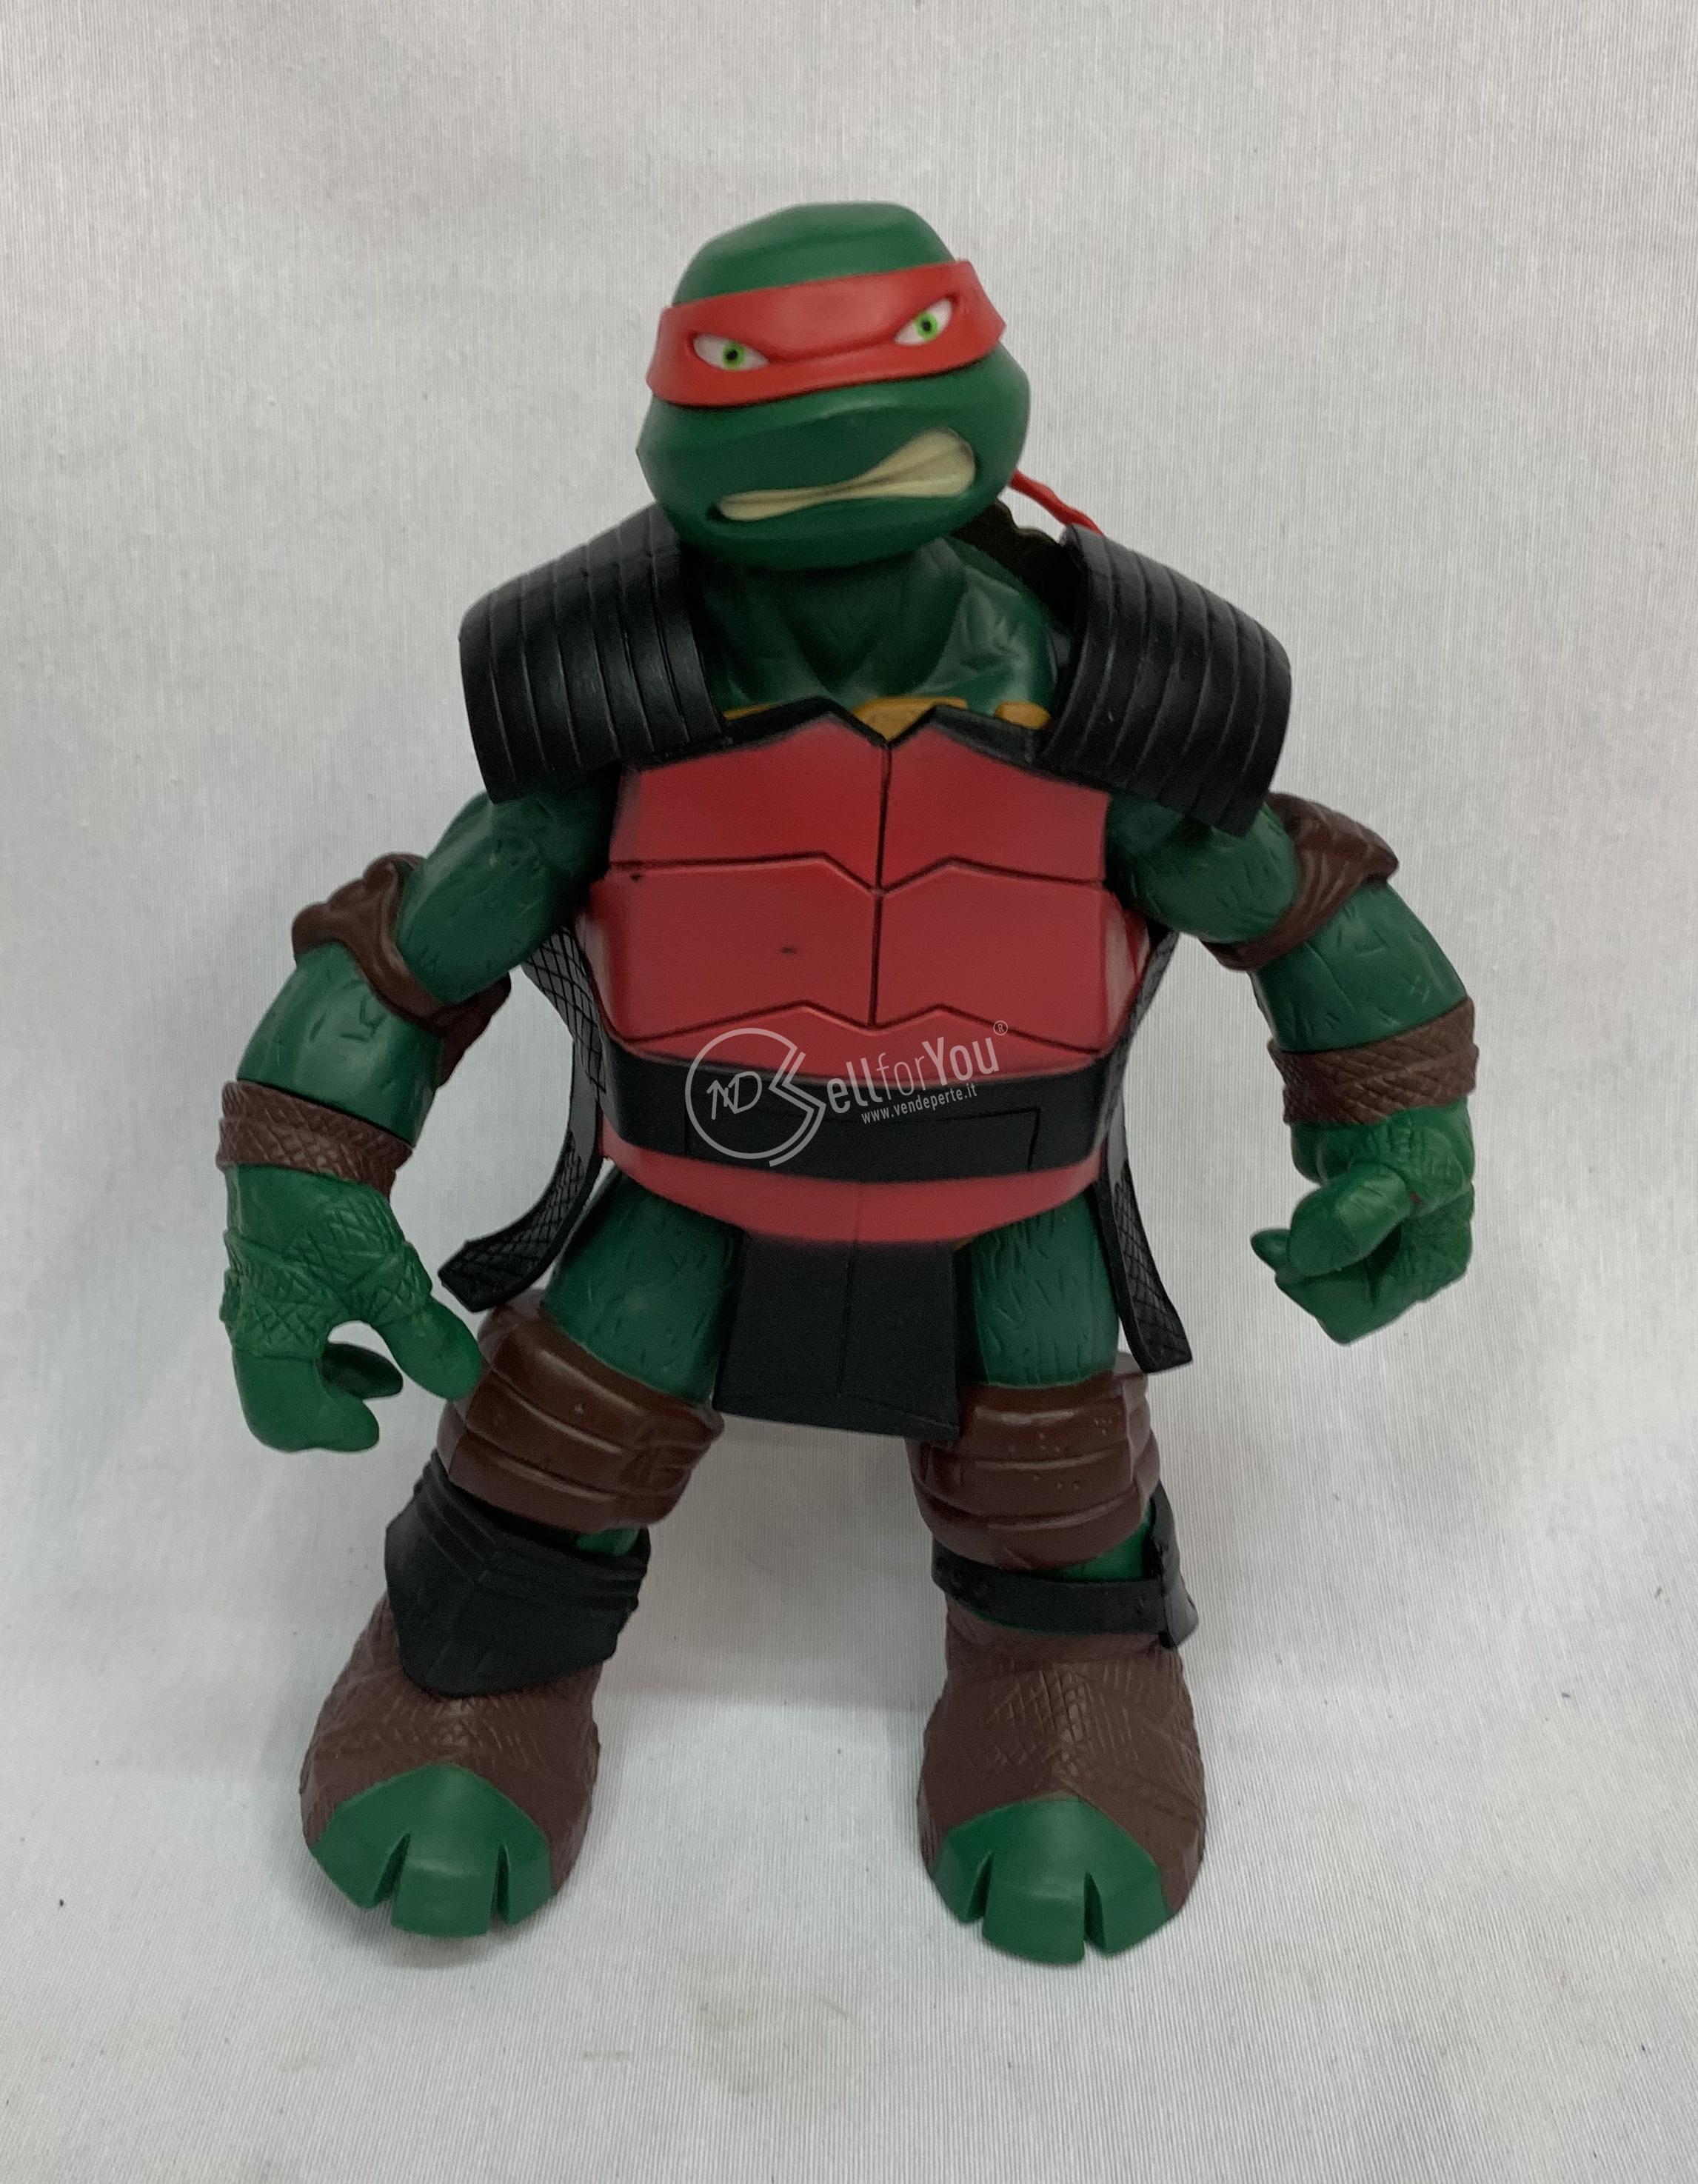 sellforyou immagine default articolo correlato non trovatoAction figure Tartaruga Ninja Raffaello